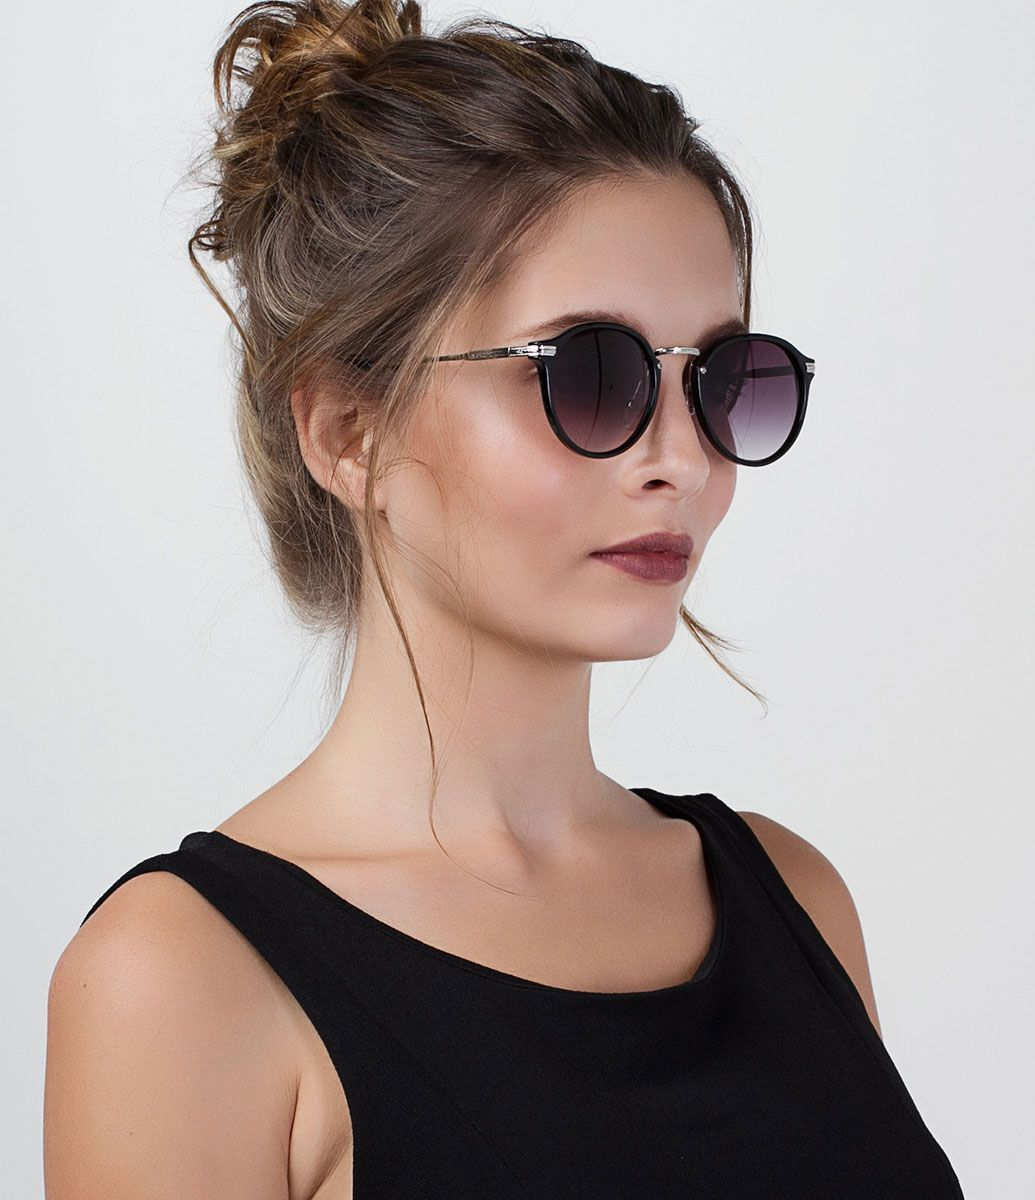 0c9dc398ff504 Óculos de sol Feminino Modelo redondo Hastes em metal Lentes em acrílico  Proteção contra raios UVA   UVB Acompanha um estojo e flanela de limpeza  Garantia ...